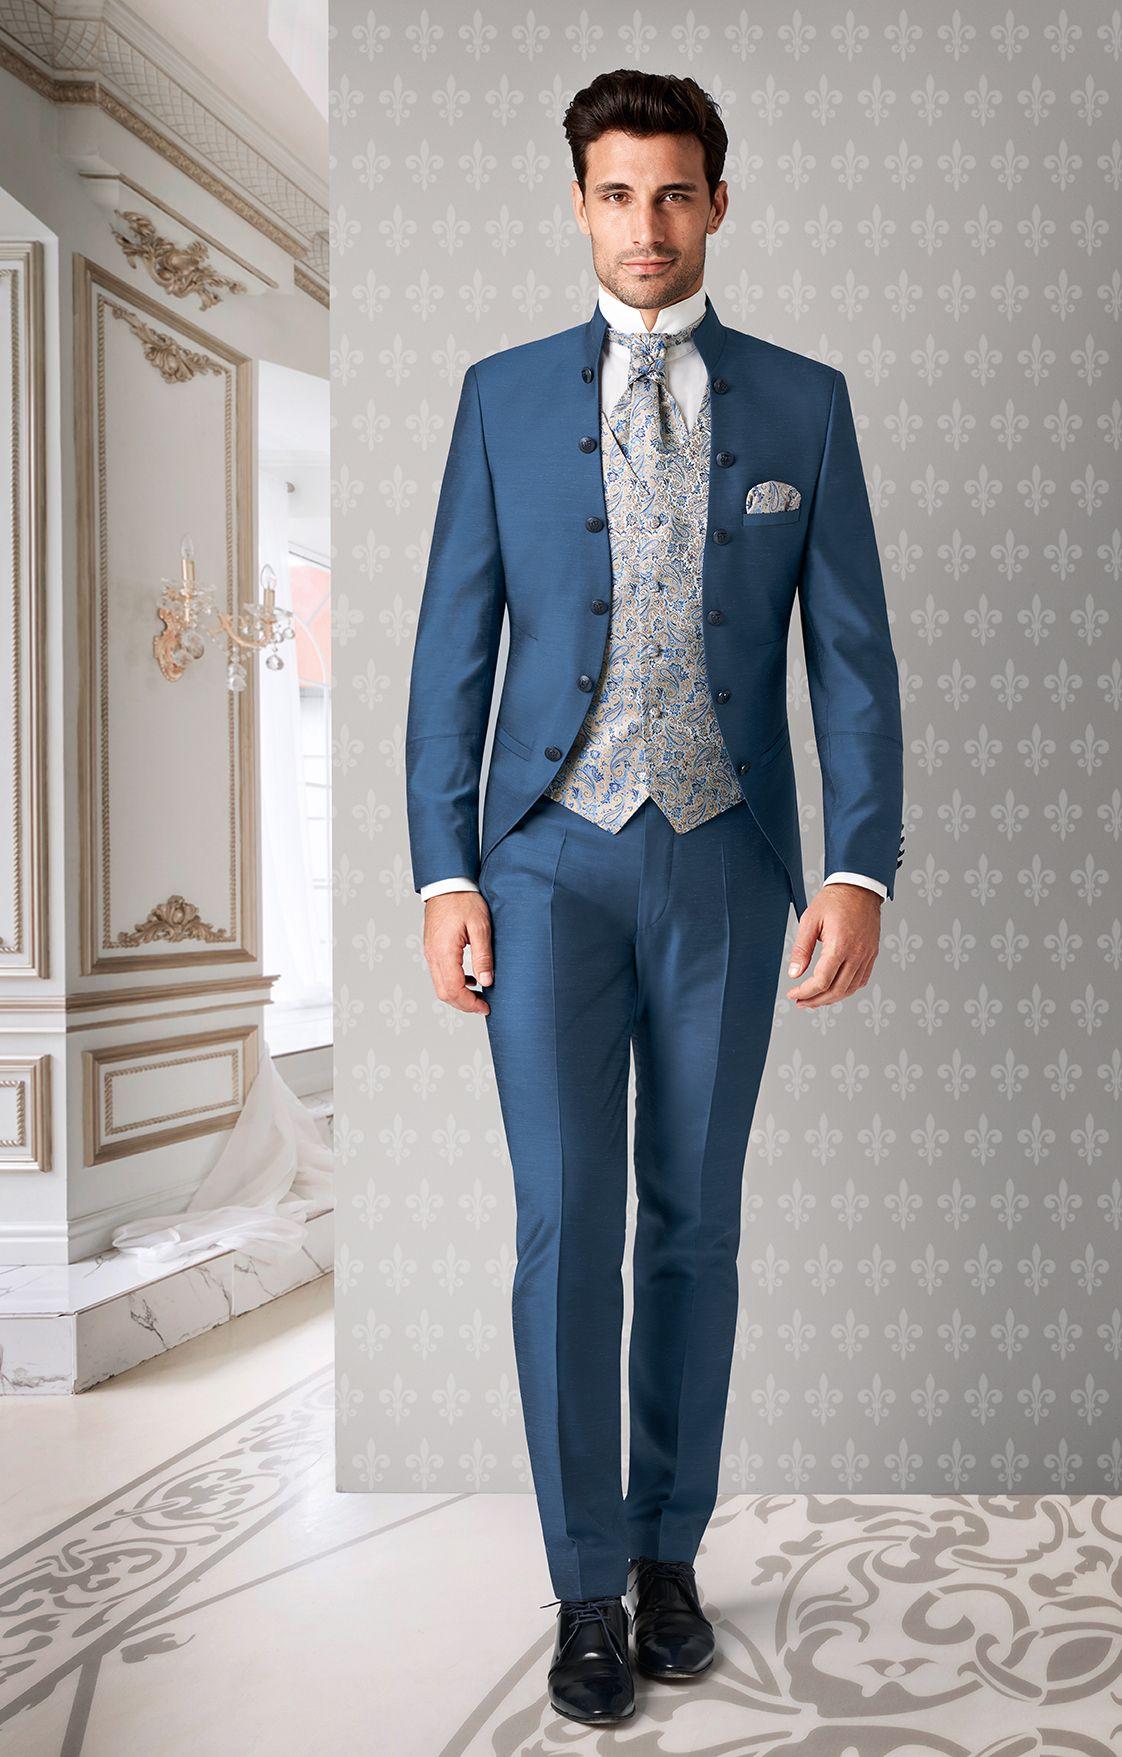 Die Neuen Royalen Tziacco Hochzeitsanzug Trends Sind Ab Dem 15 04 2019 Im Fachhandel Erhalt Mann Anzug Hochzeit Hochzeitsanzug Brautigam Herrenanzuge Hochzeit